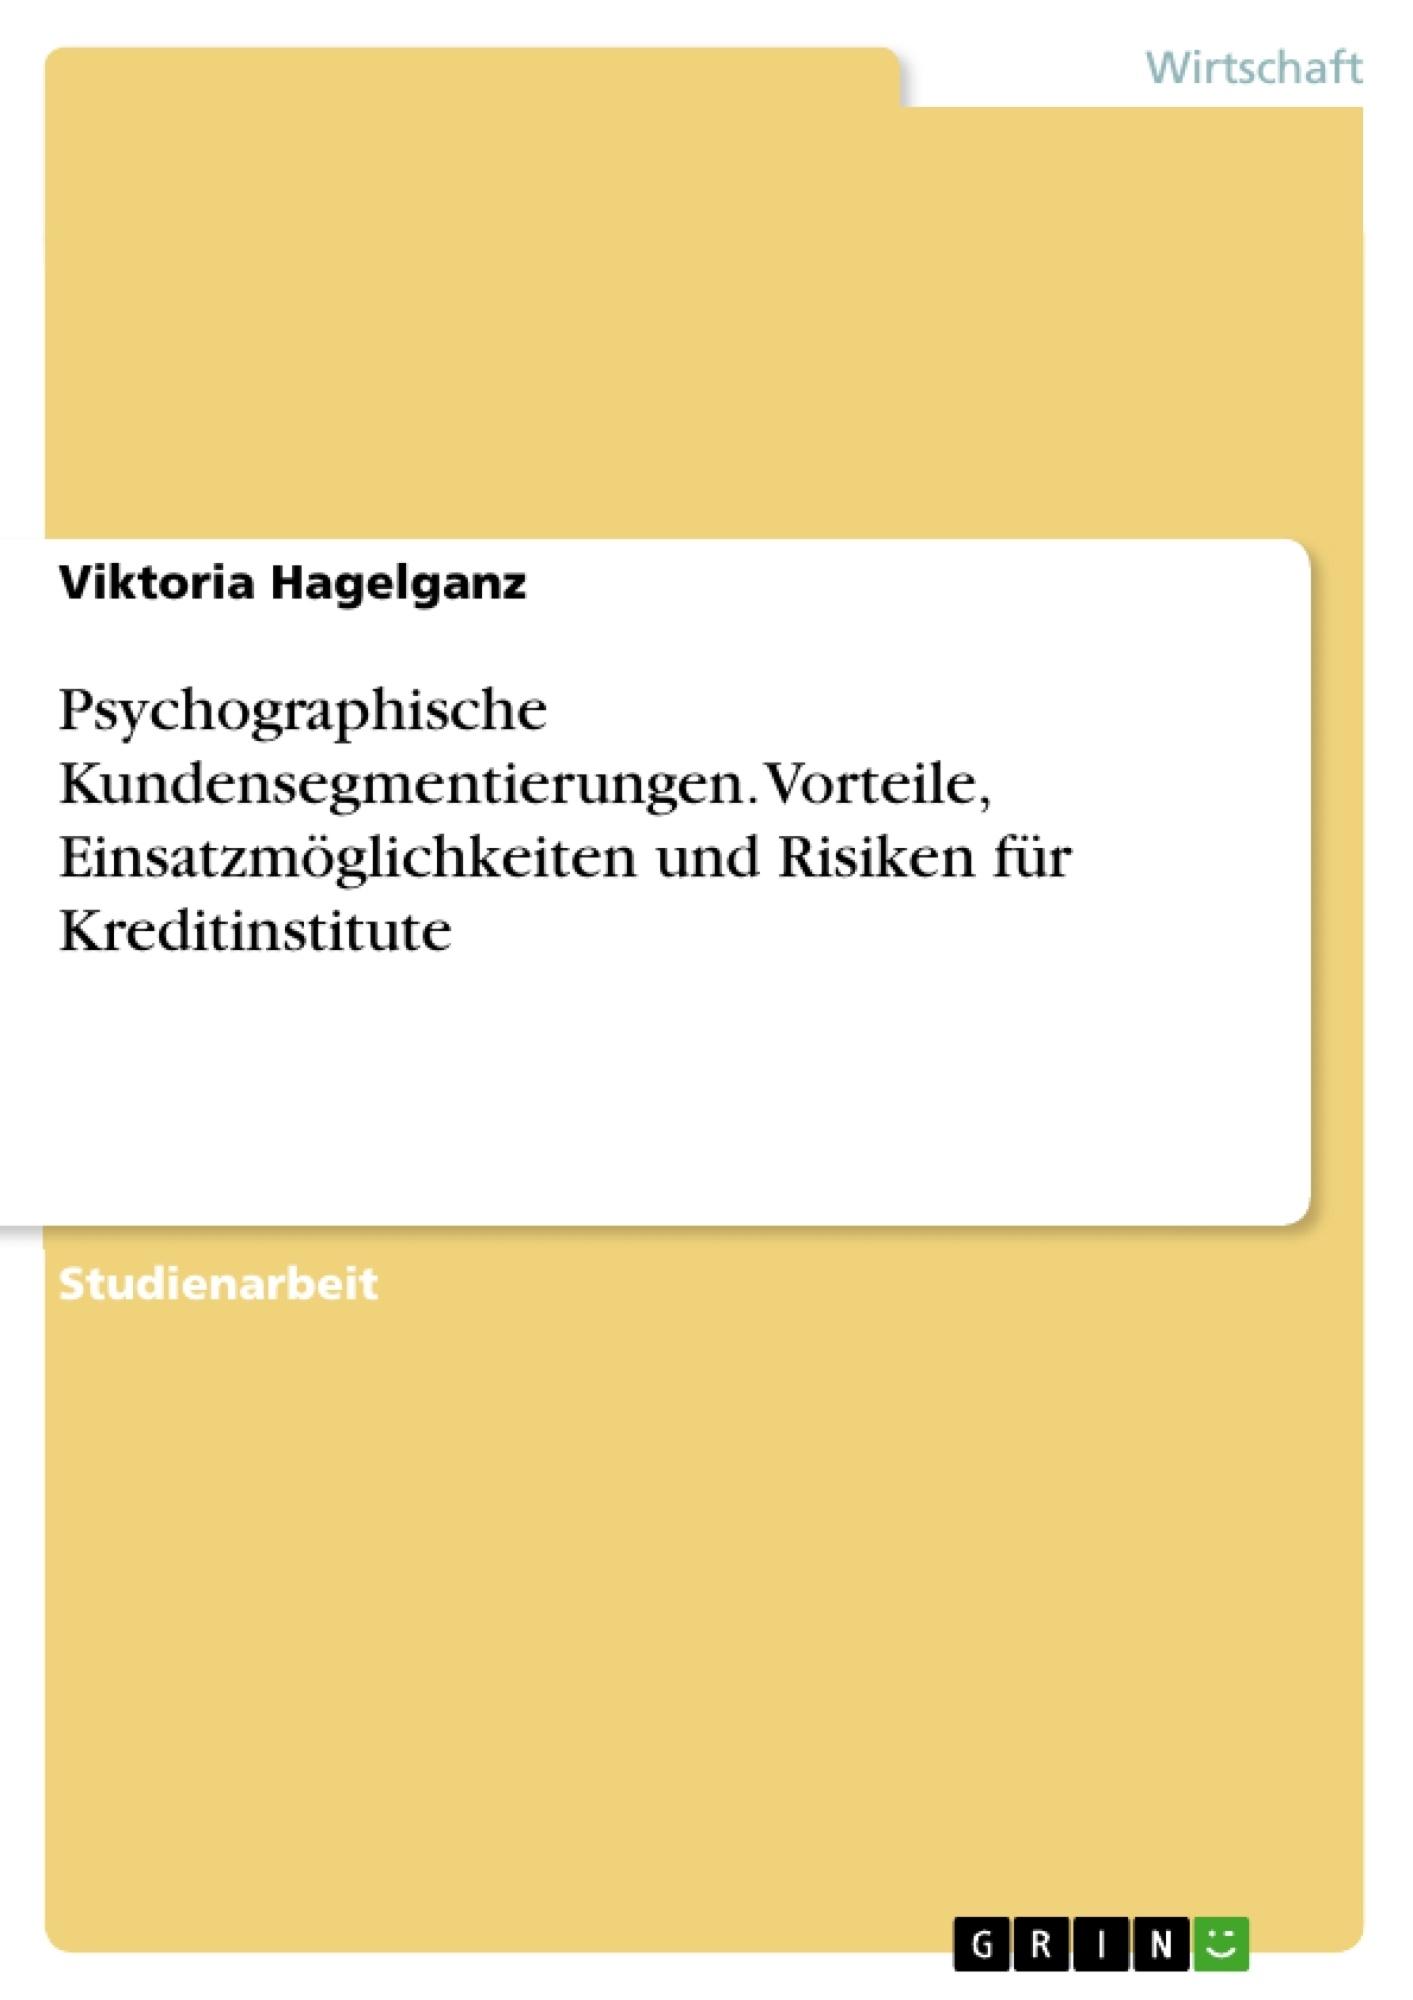 Titel: Psychographische Kundensegmentierungen. Vorteile, Einsatzmöglichkeiten und Risiken für Kreditinstitute